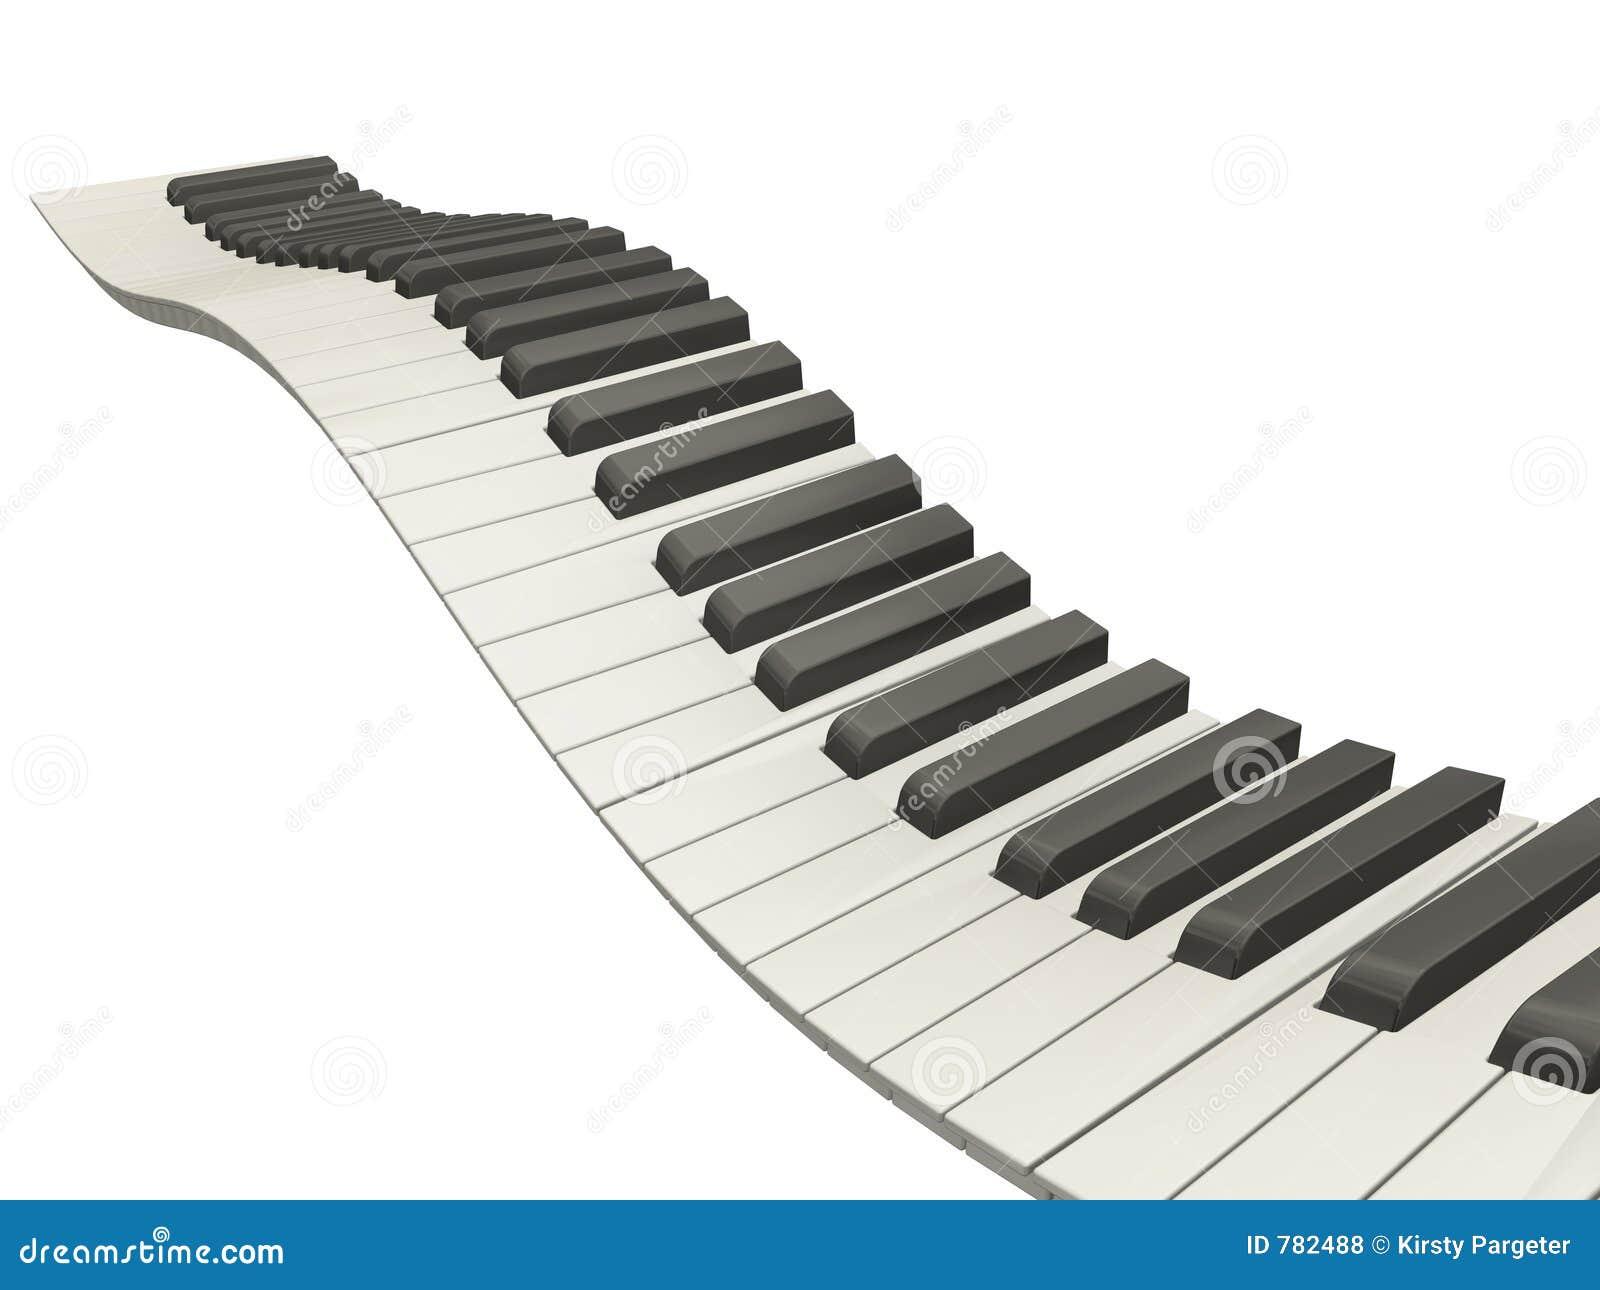 Wavy piano keys stock illustration illustration of for Disegno di piano domestico